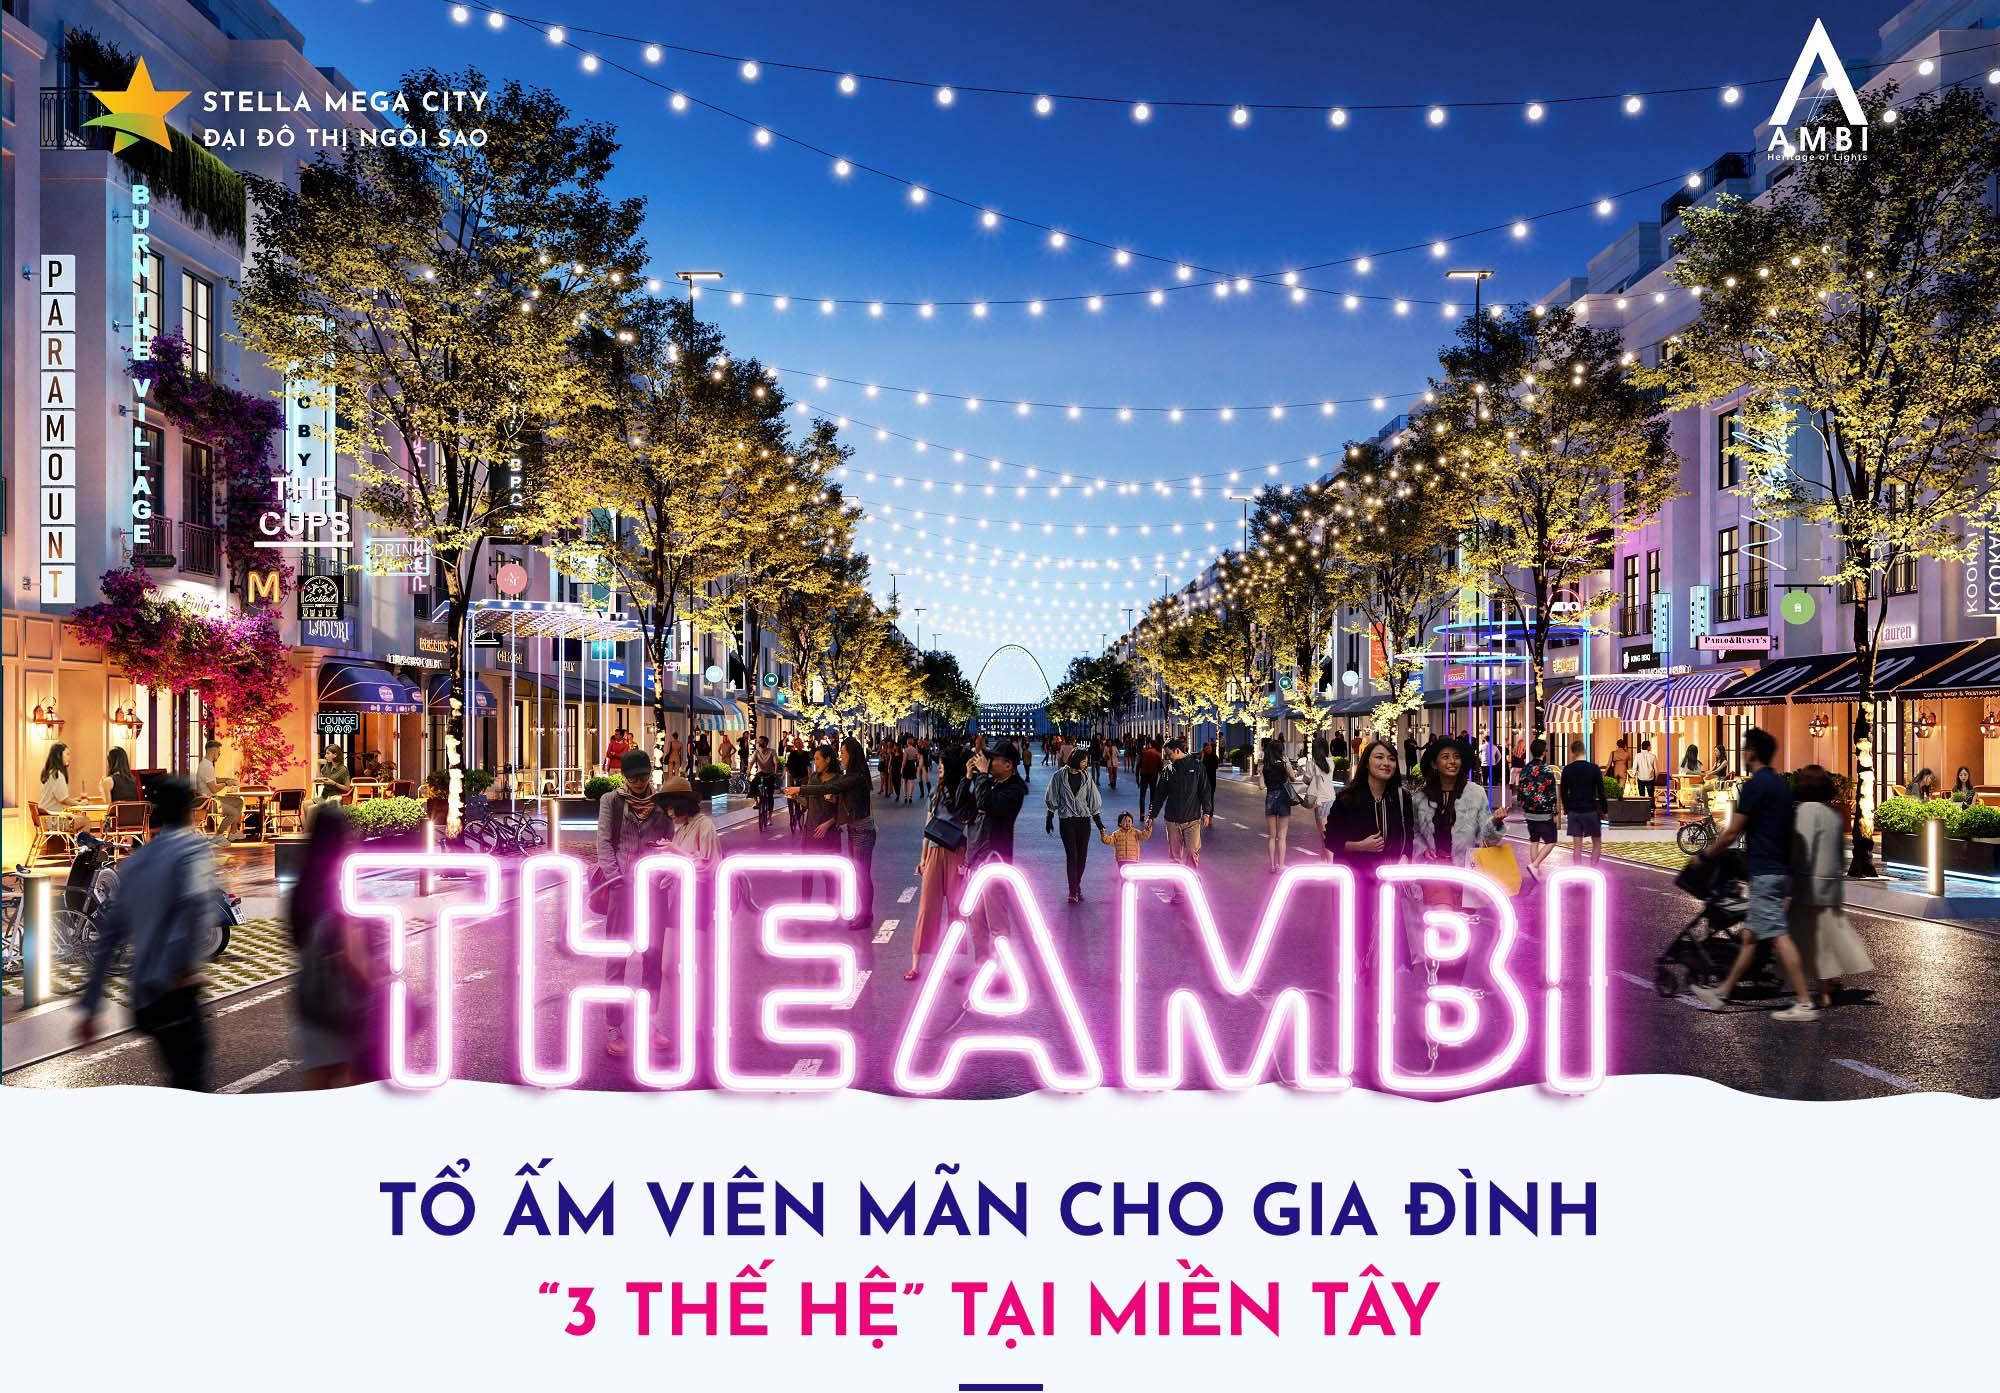 """The Ambi: Tổ Ấm Viên Mãn Cho Gia Đình 3 """"Thế Hệ"""" Tại Miền Tây"""